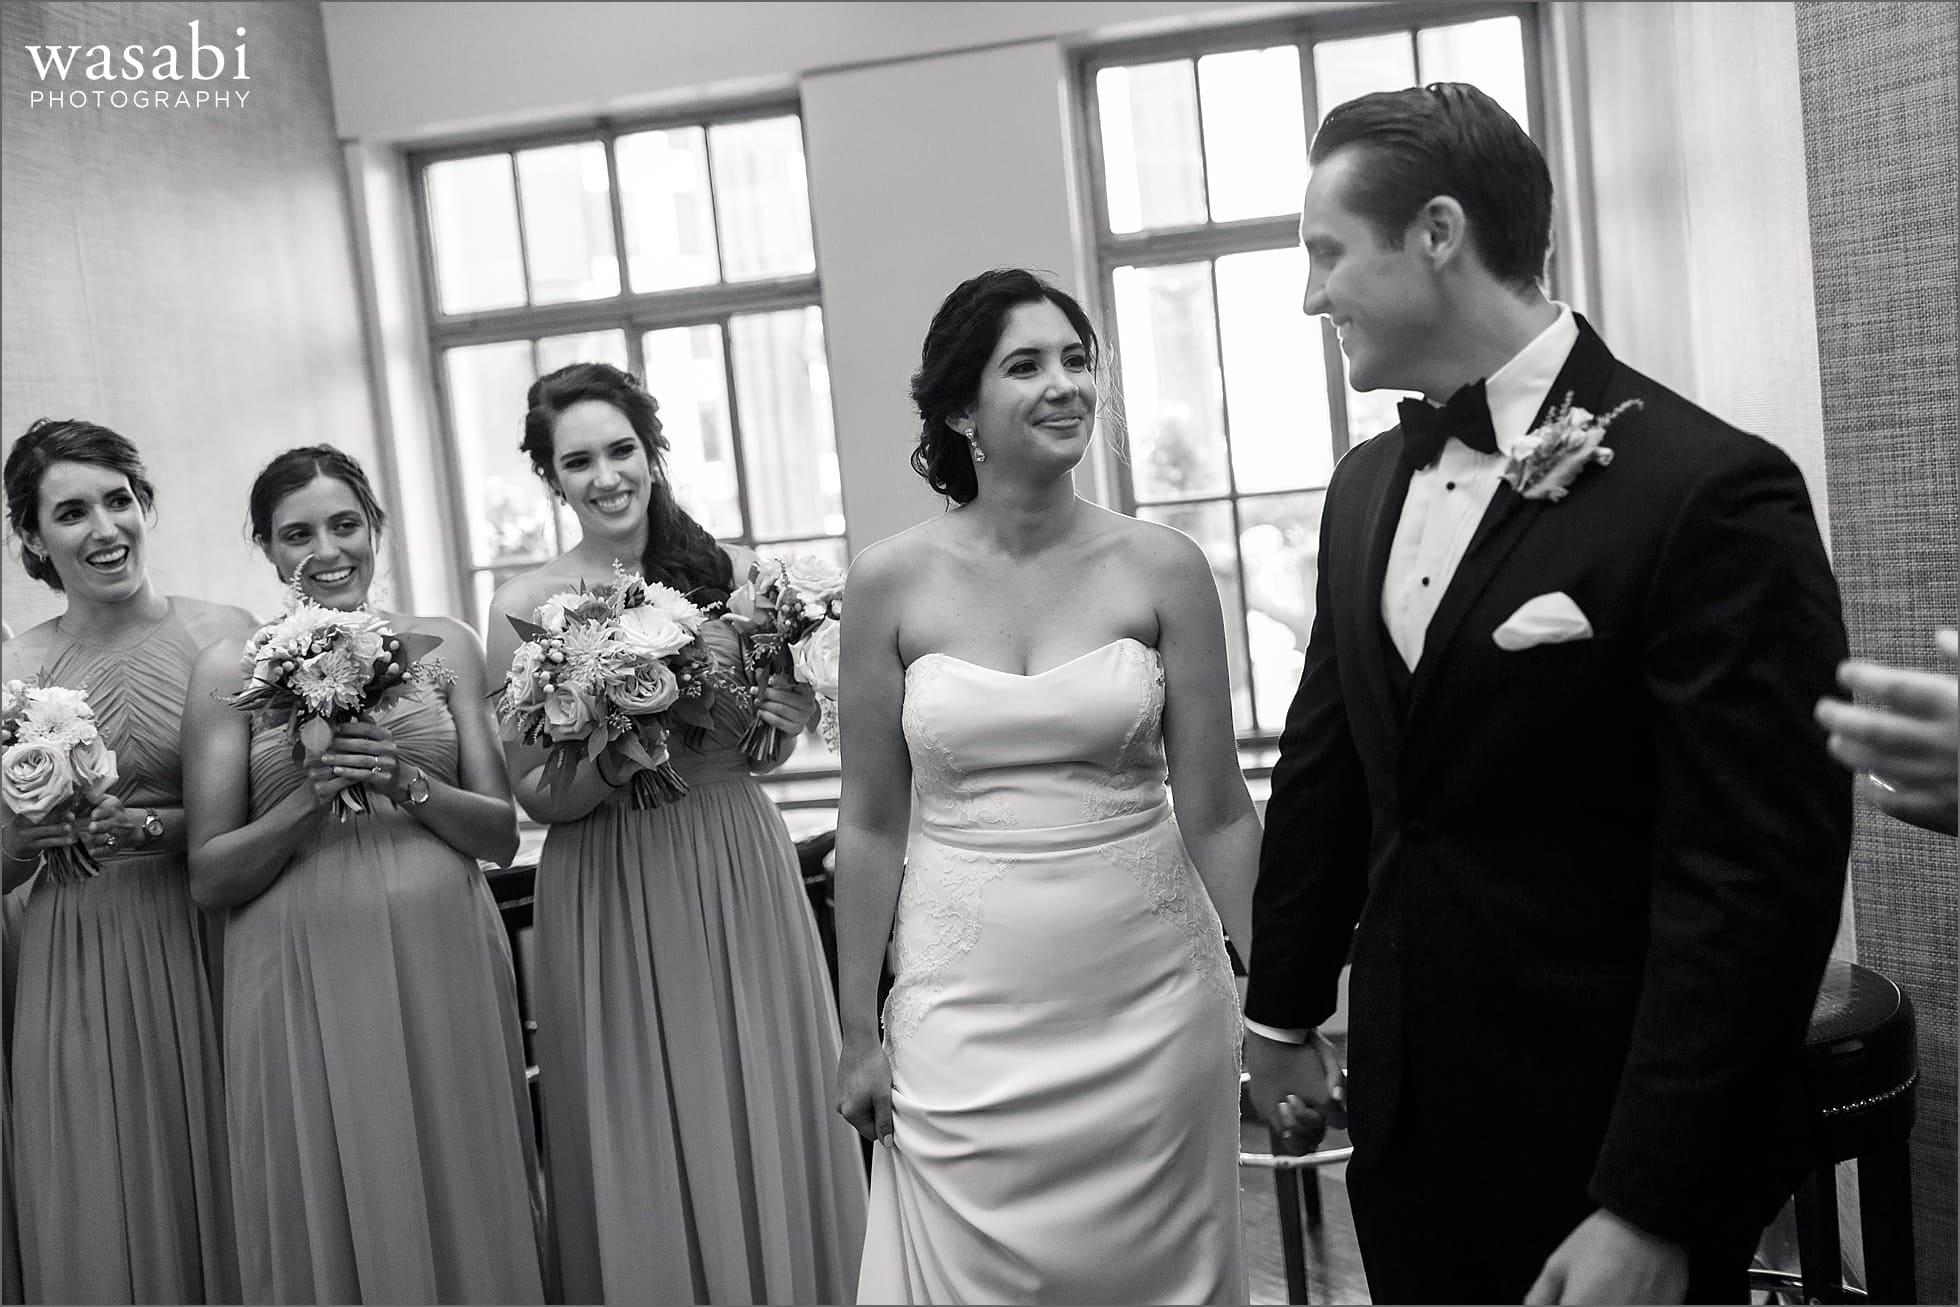 tribune tower crown indoor wedding ceremony